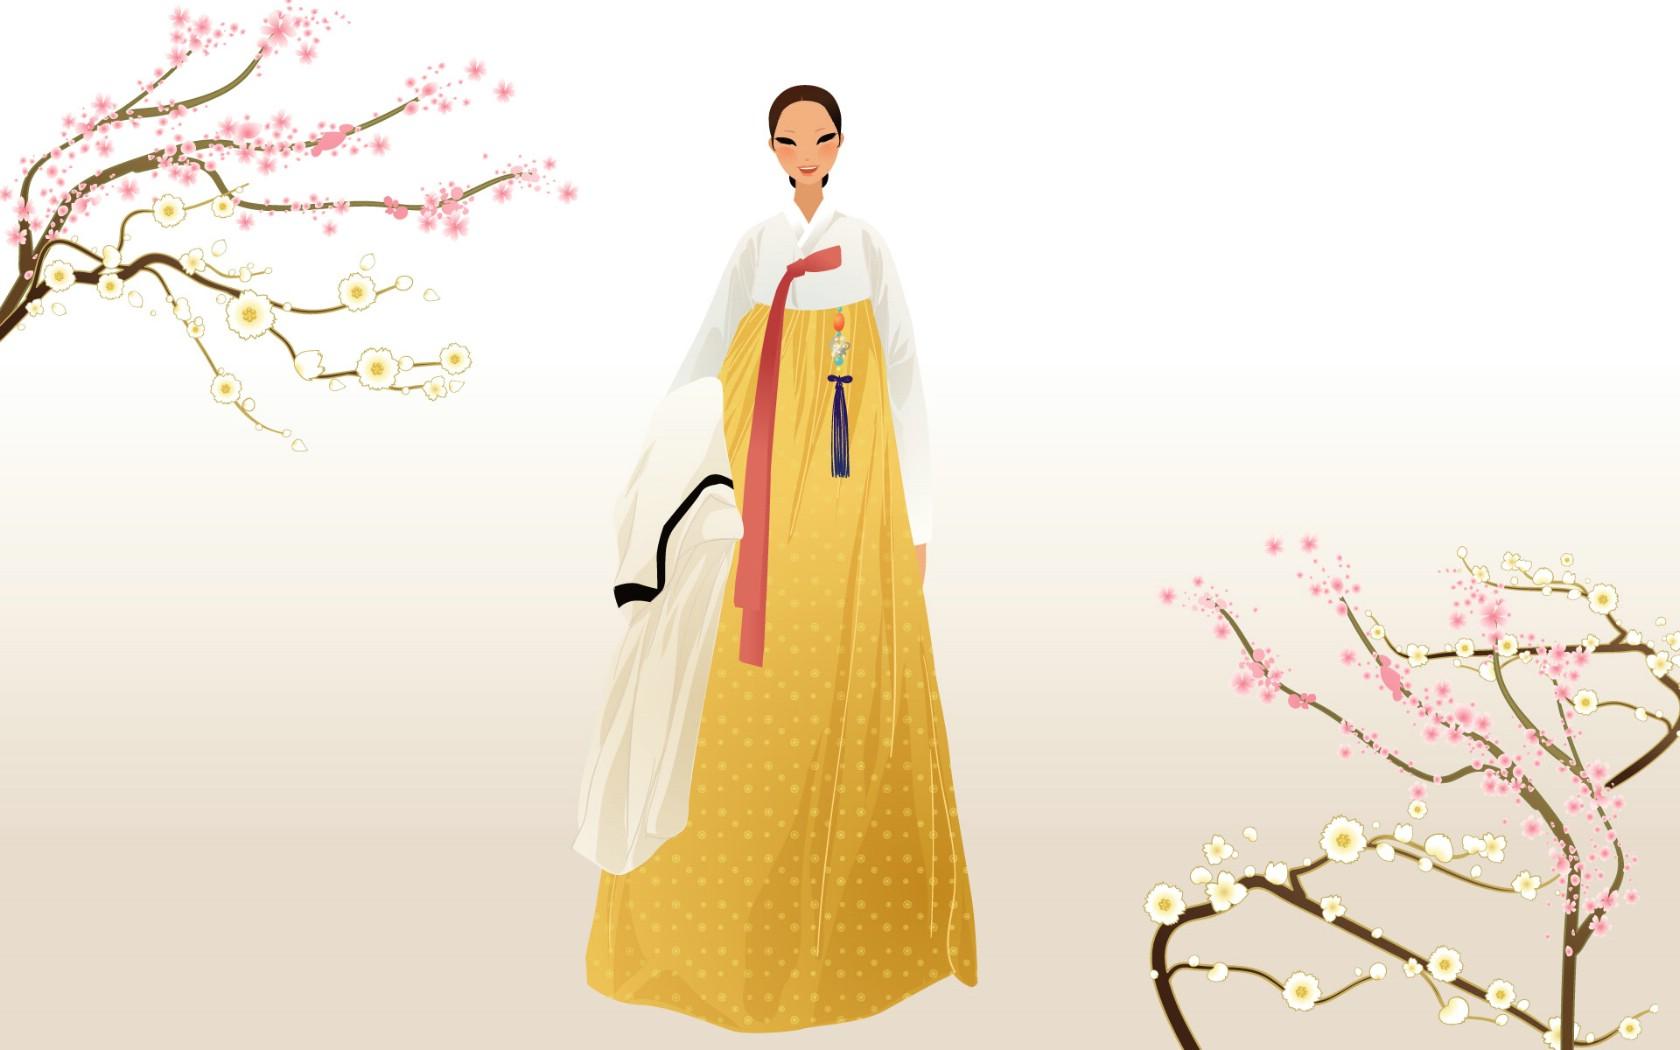 民族之美 之朝鲜族|绘画习作|插画|长毛的布丁图片